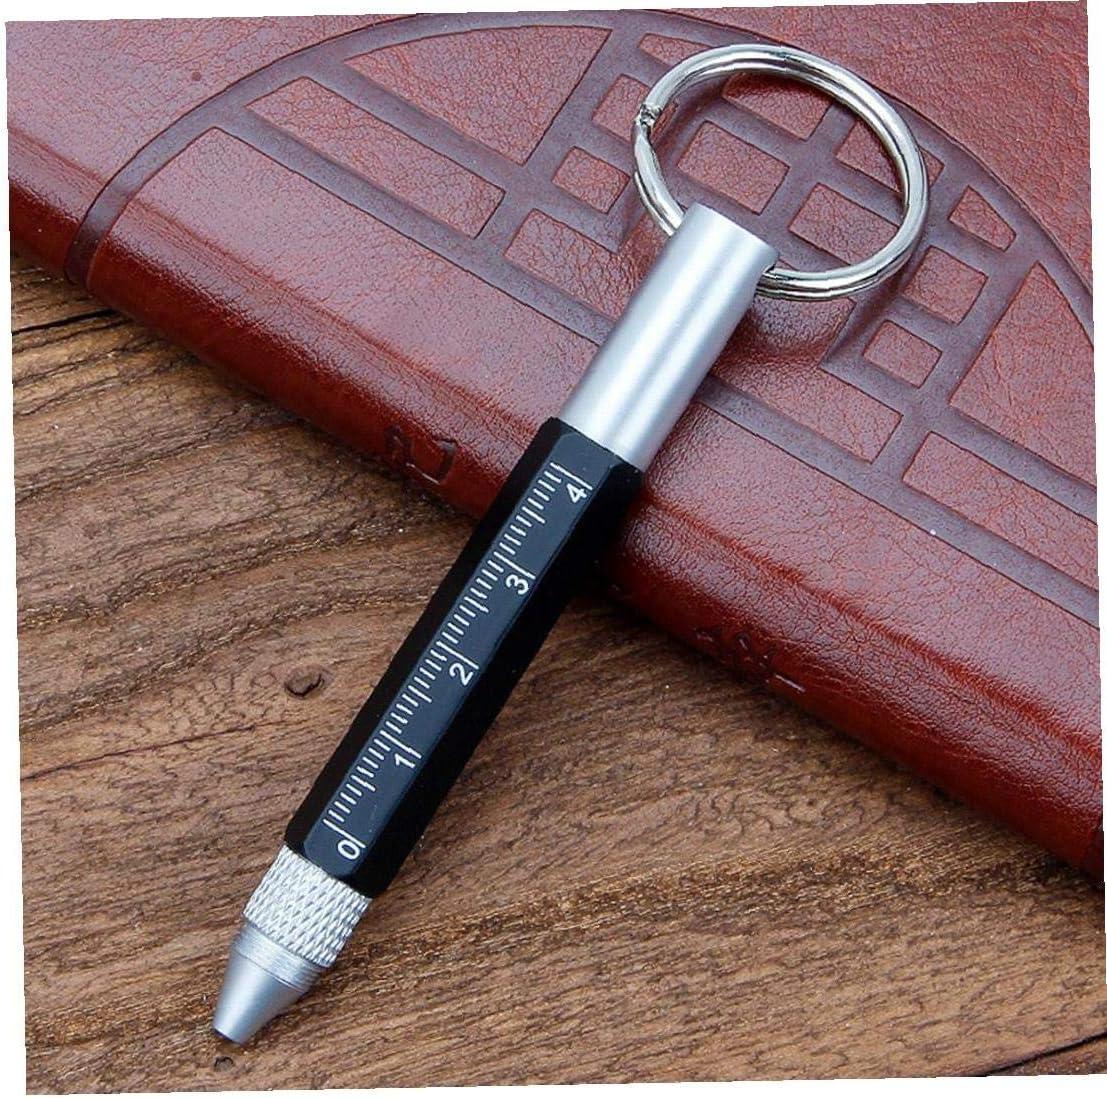 Stylo multifonction 6 en 1 Tech Pen Handy Outil avec Rulers porte-cl/és Stylus Fit pour Hommes Visseuses cadeau